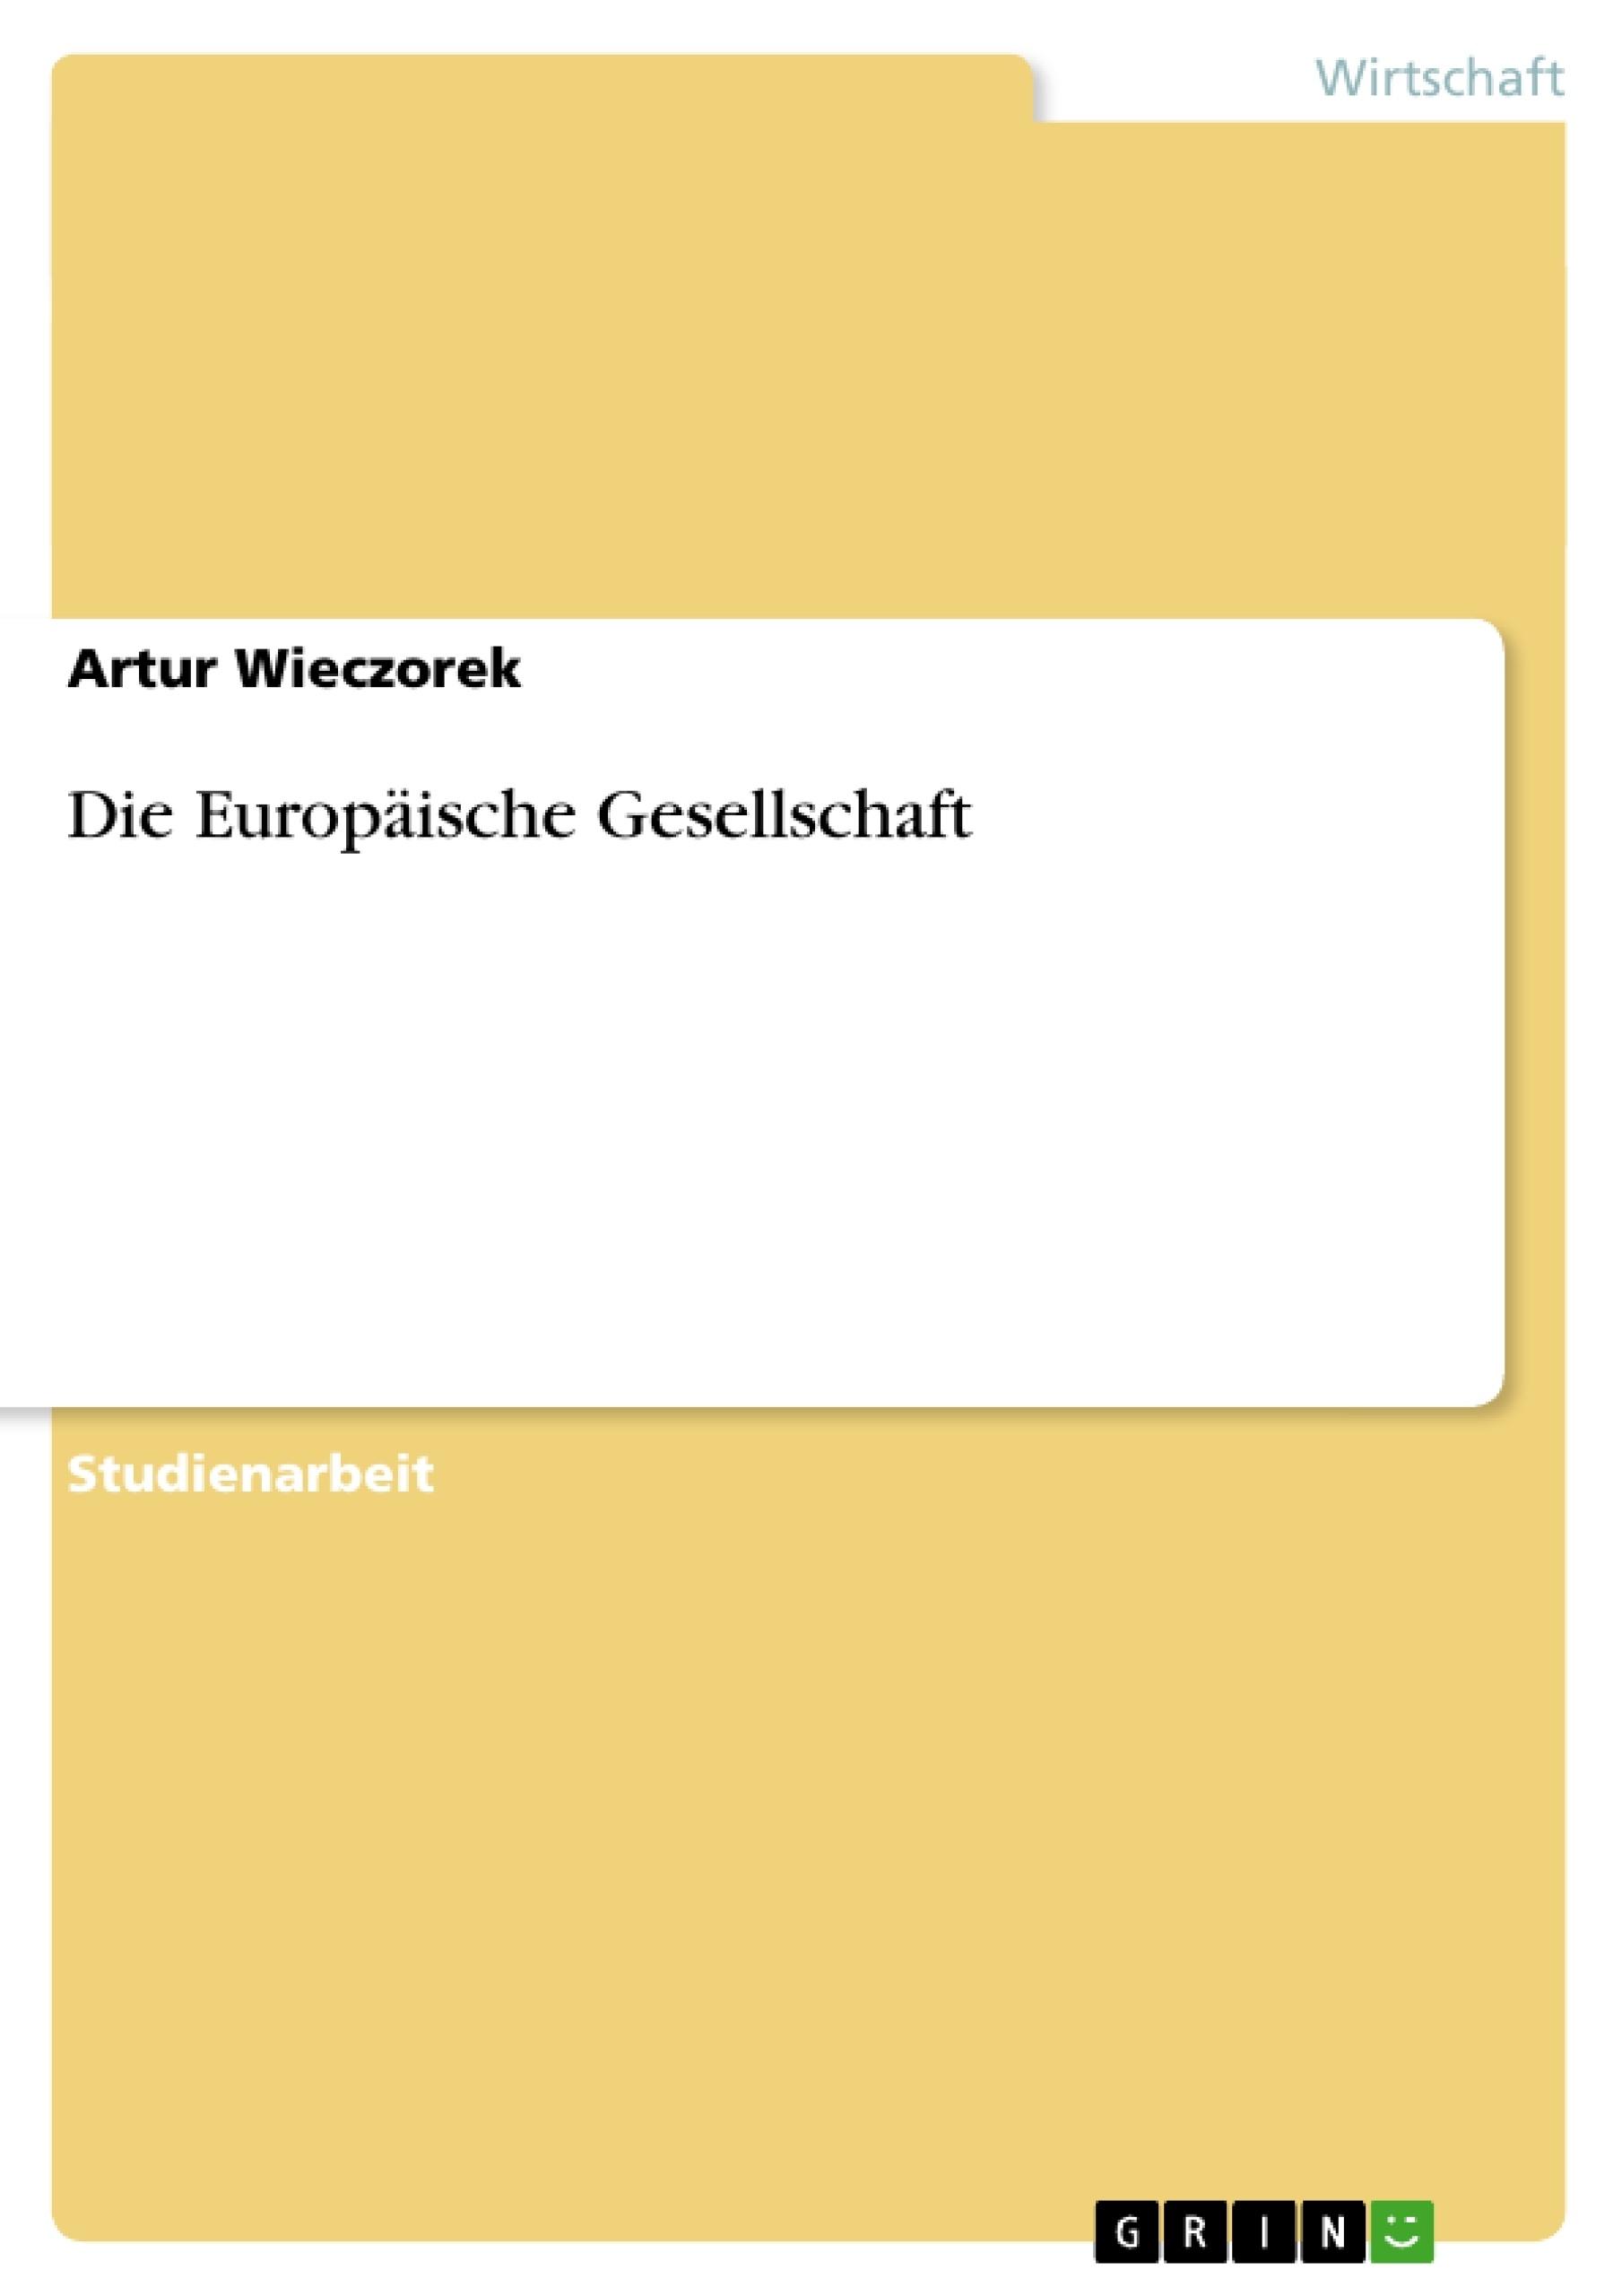 Titel: Die Europäische Gesellschaft